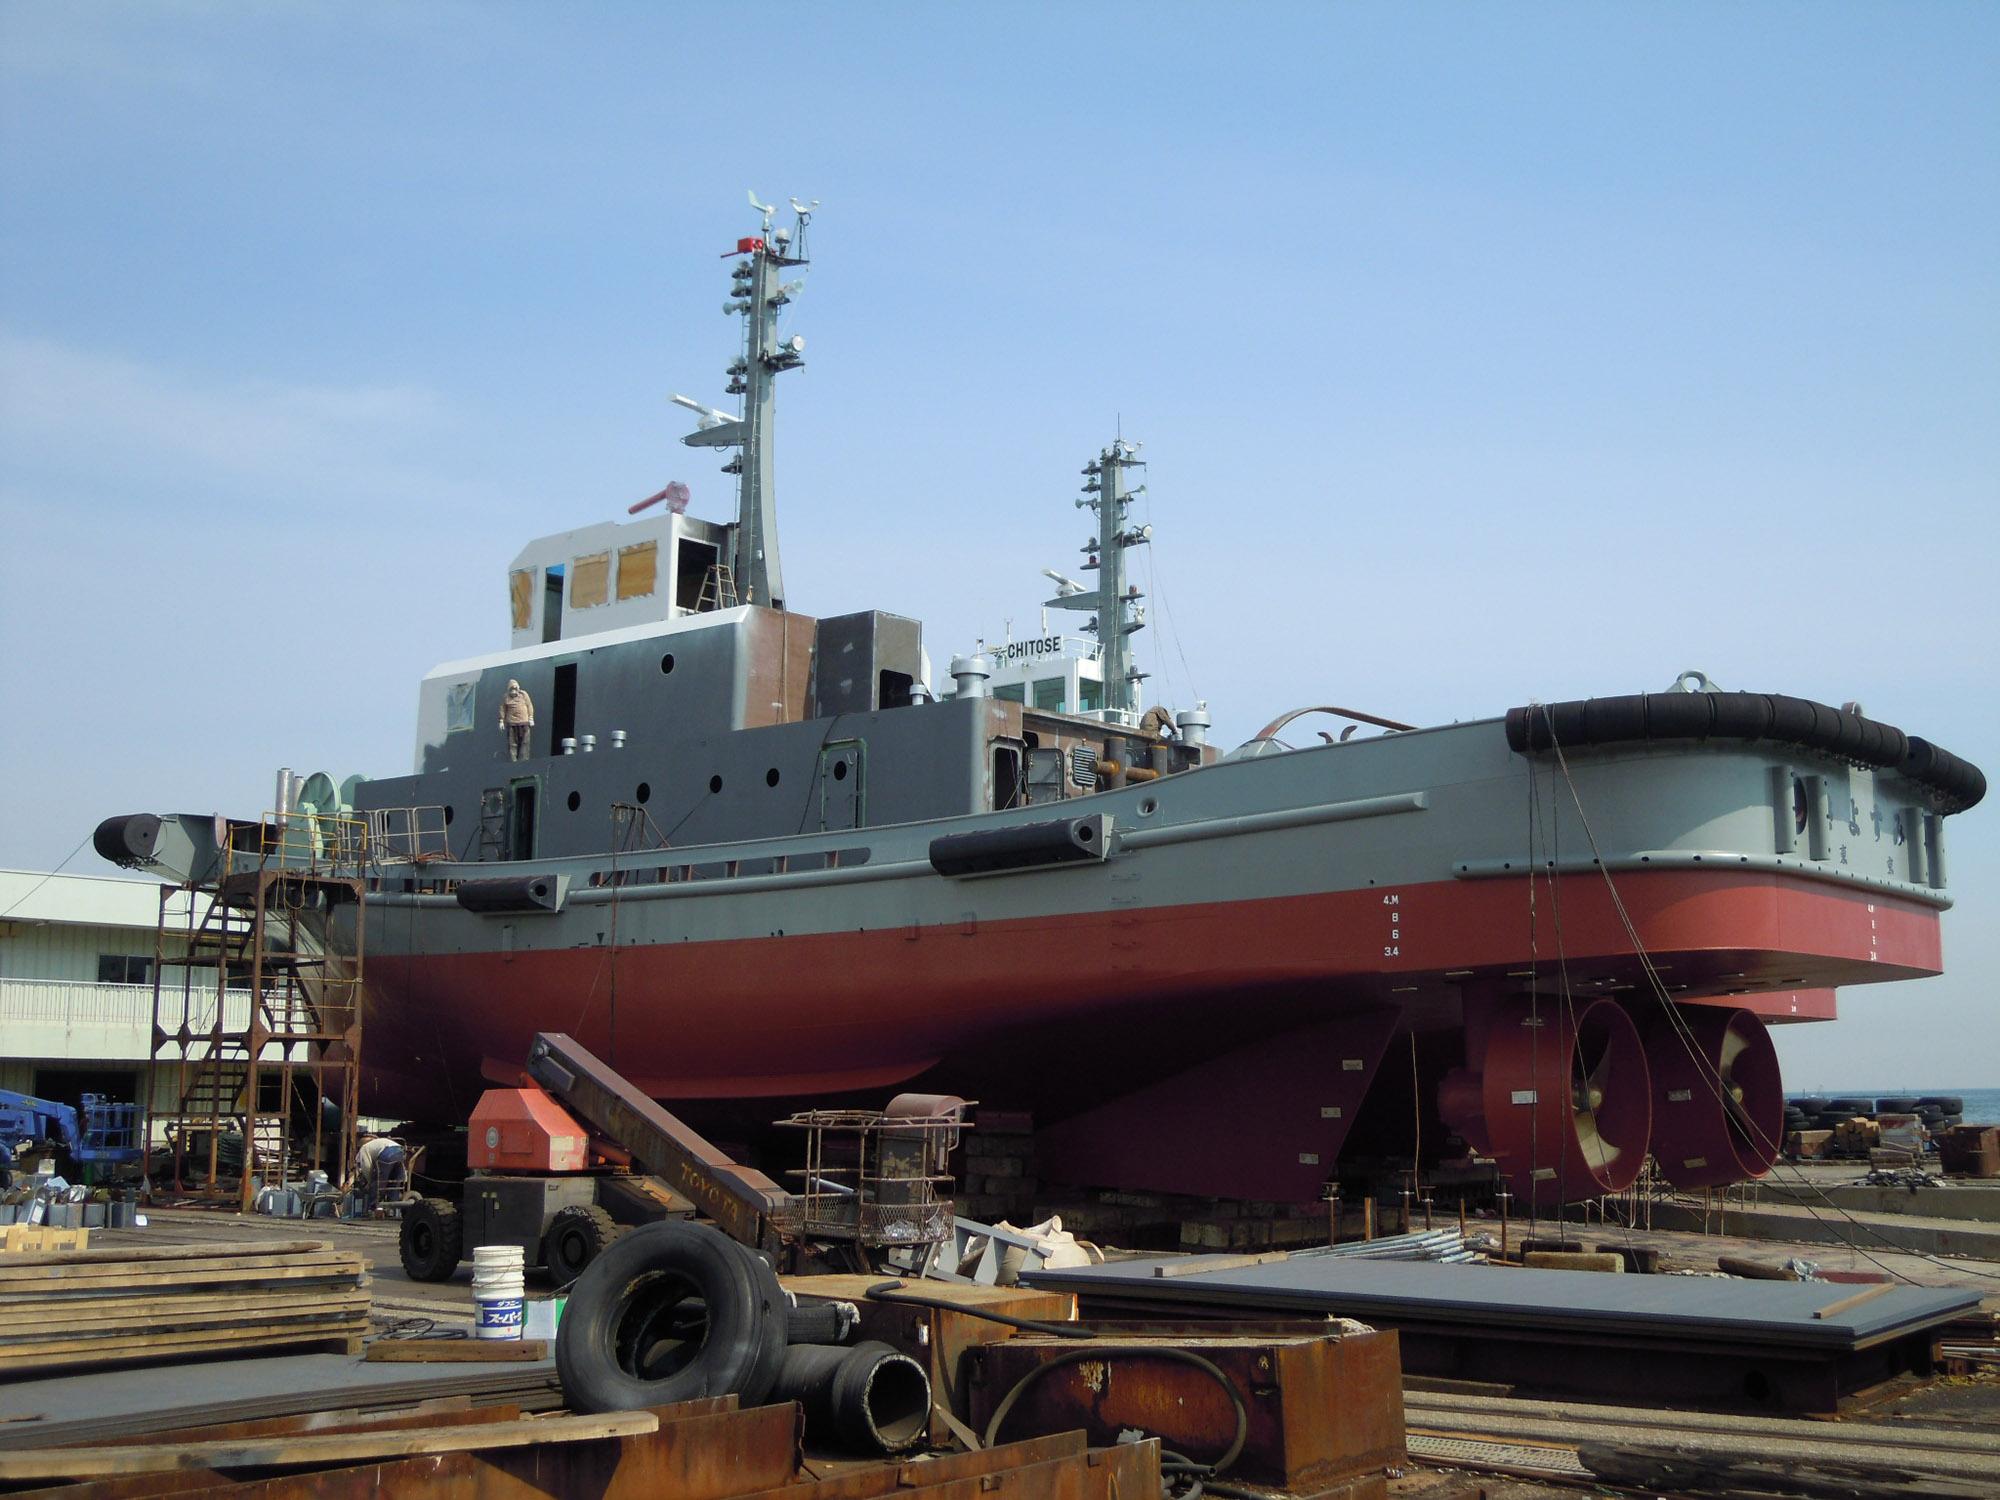 造船 金川 「LNG燃料タグボート」の建造を決定 ~大阪湾で初のLNG燃料船